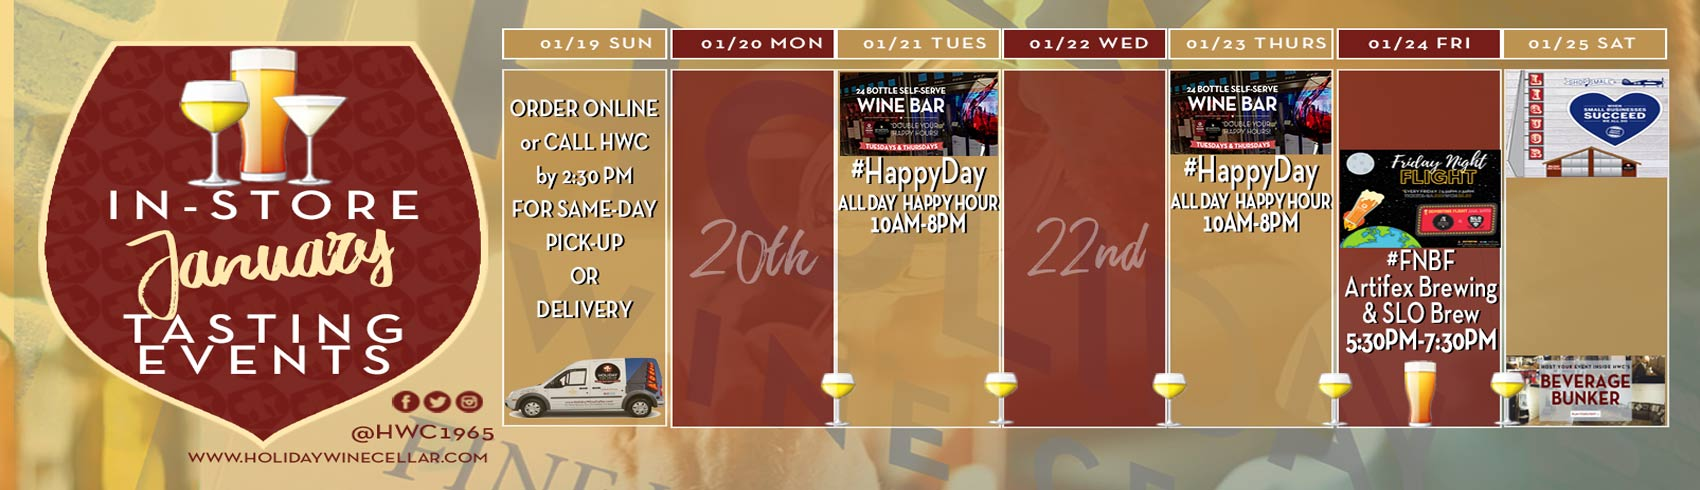 1-week-calendar-0119-012520.jpg